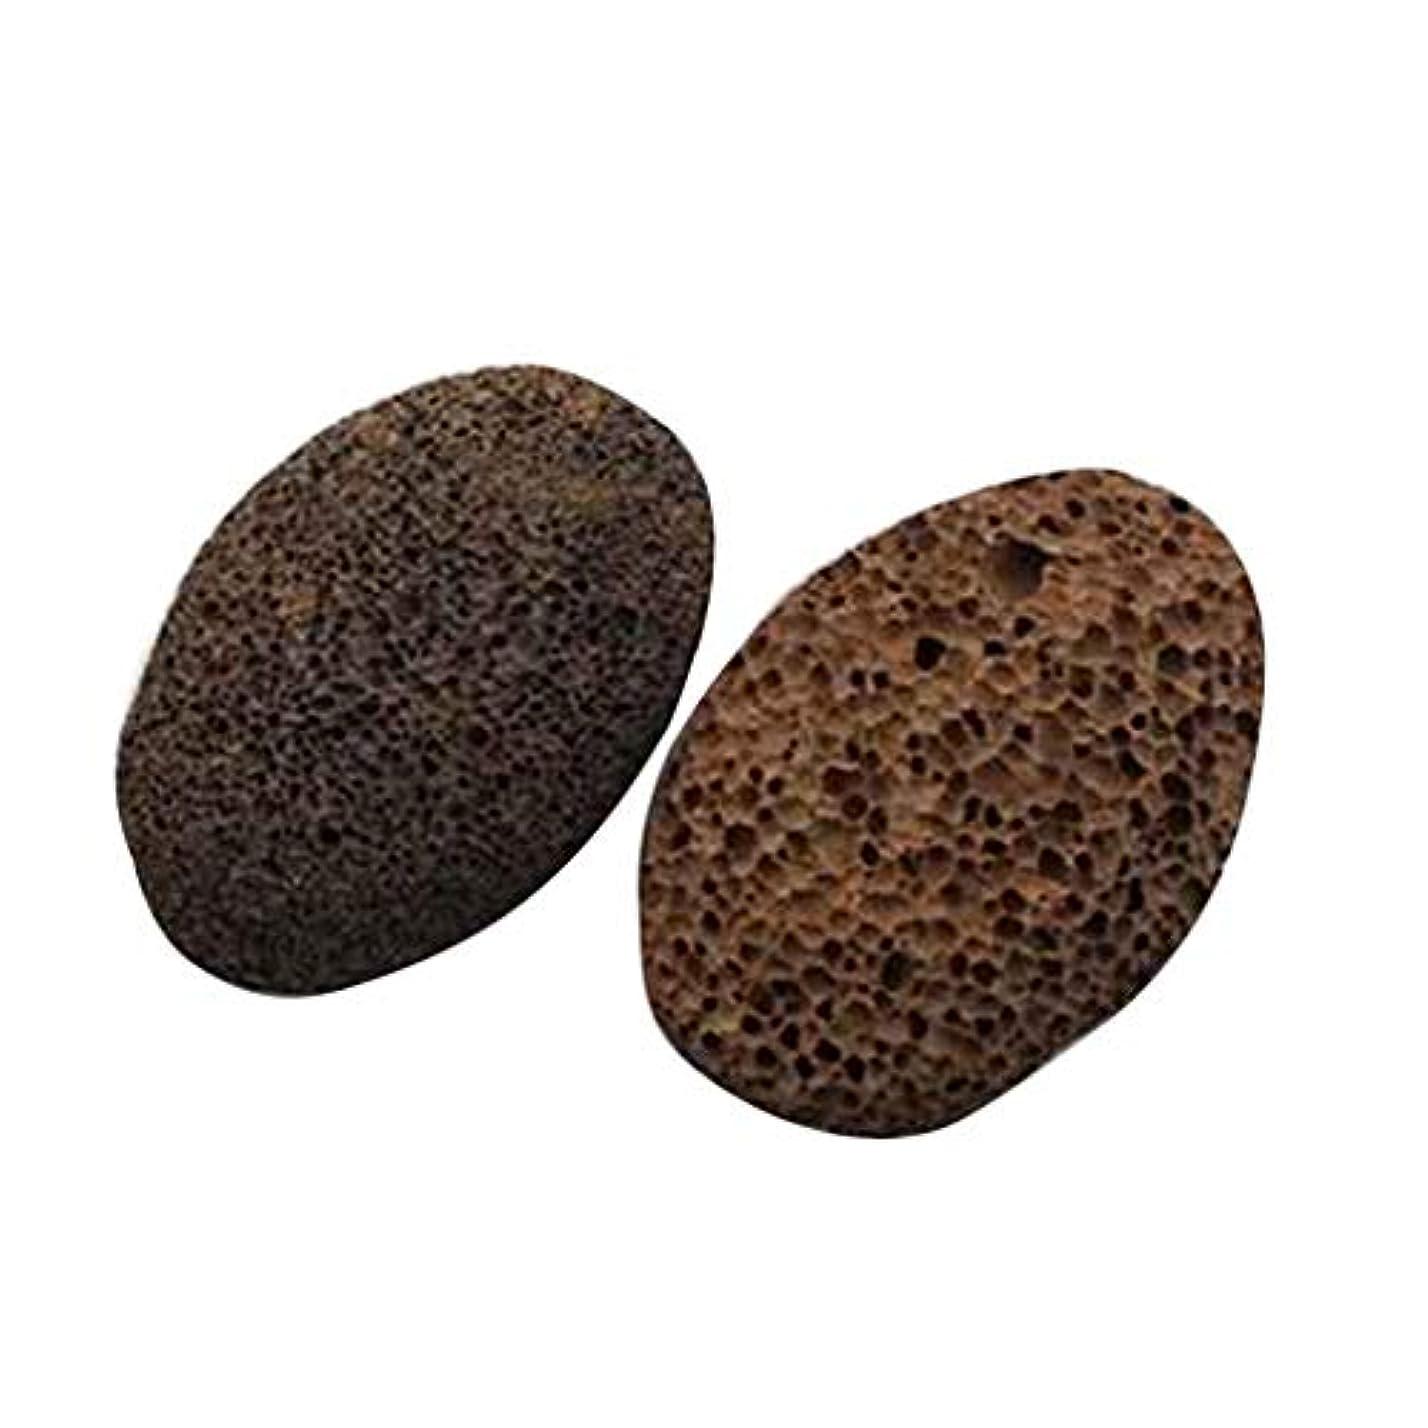 砂利土器直径Nerhaily 死んだ皮軽石を取り除き 足石を挽いて 自然の火山石を剥がします 足マッサージ石 ワイプ足石 2個セット